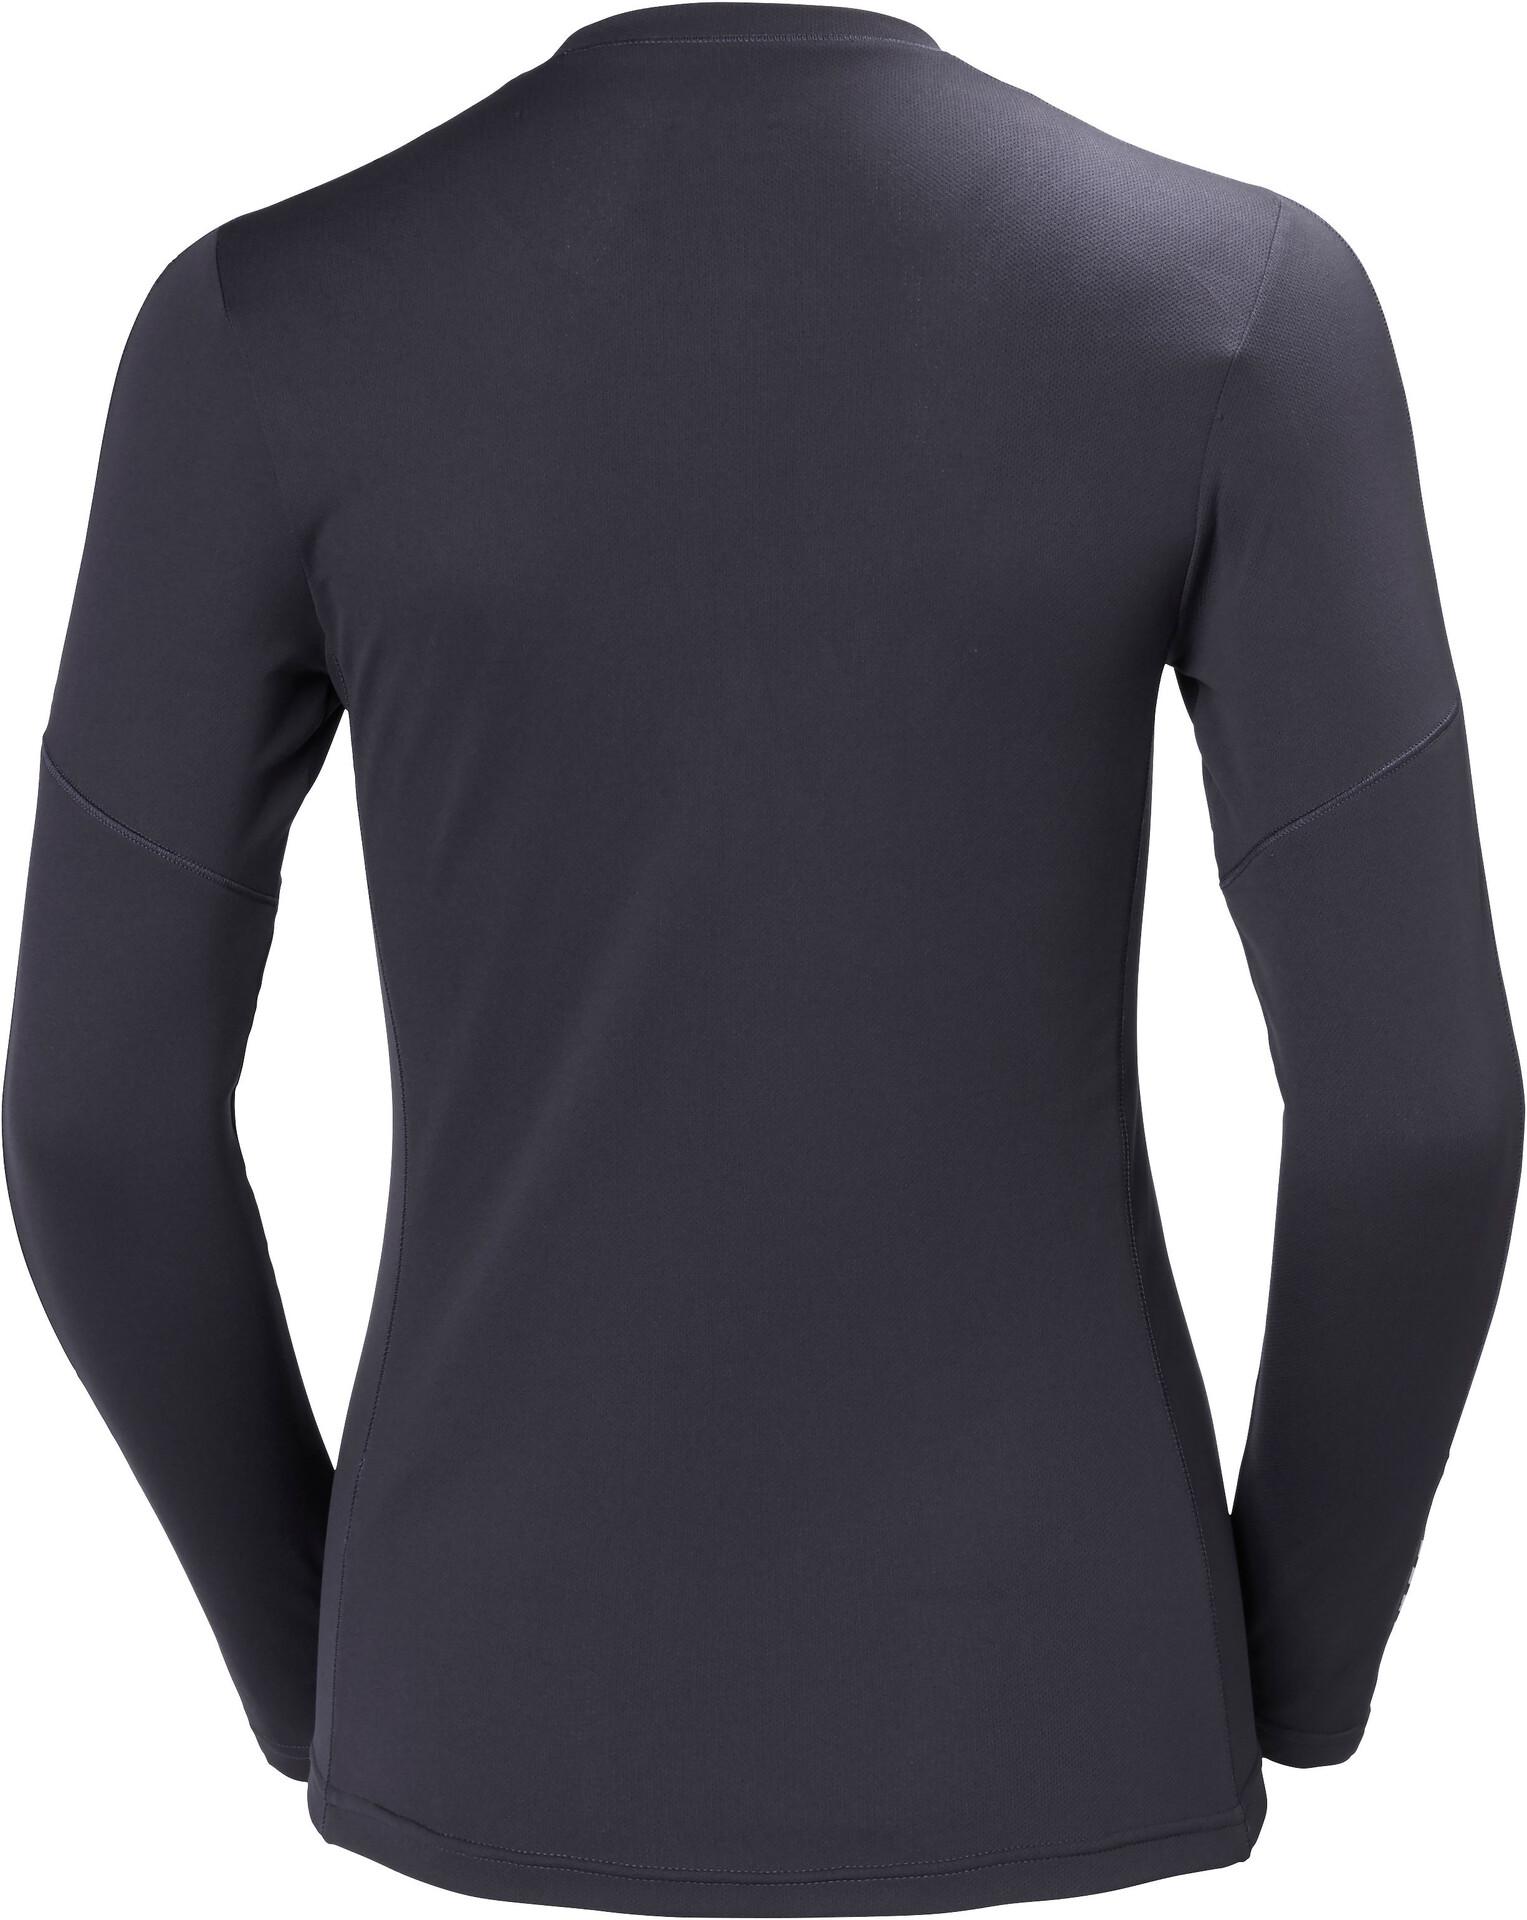 Helly Hansen W's Lifa Active Light LS Shirt Shirt Shirt Graphite Blå 76d1b6